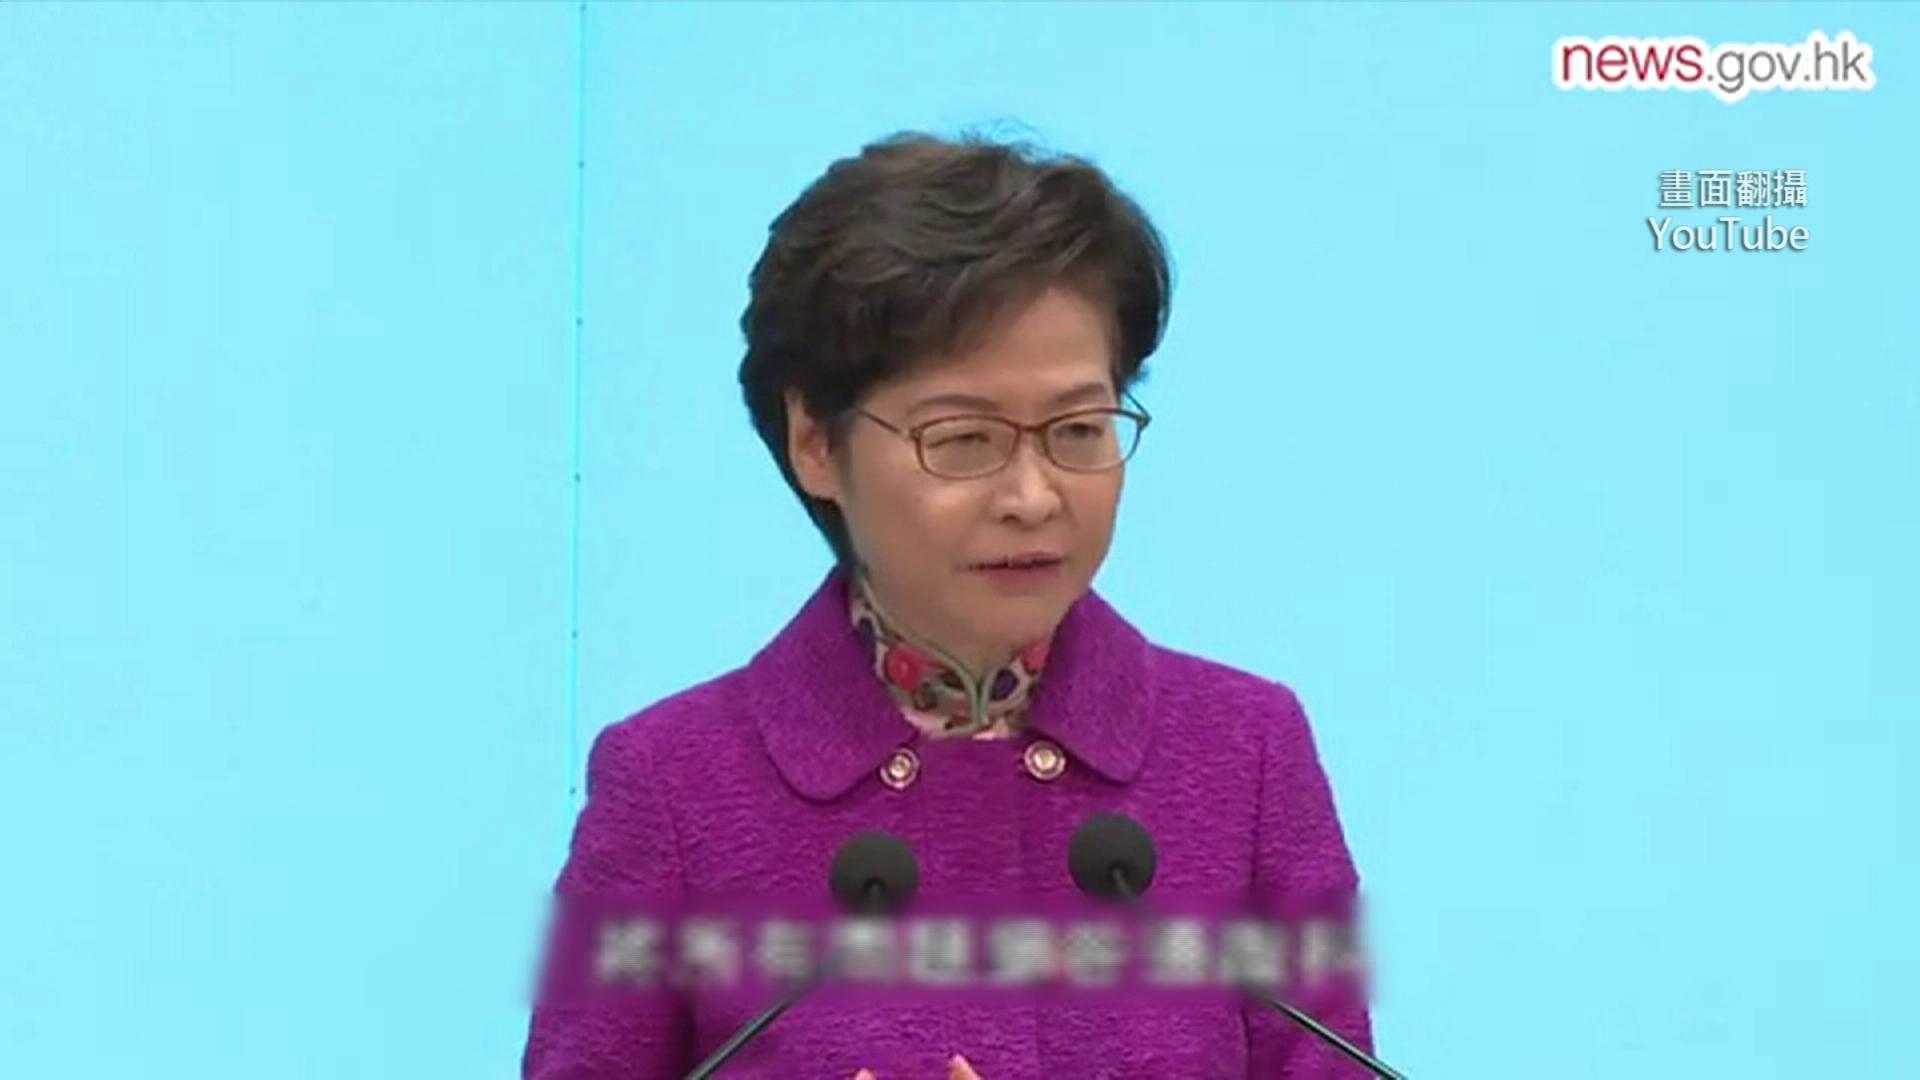 打壓香港教育! 高中「通識課」被迫加入中國憲法 學生需到中考察